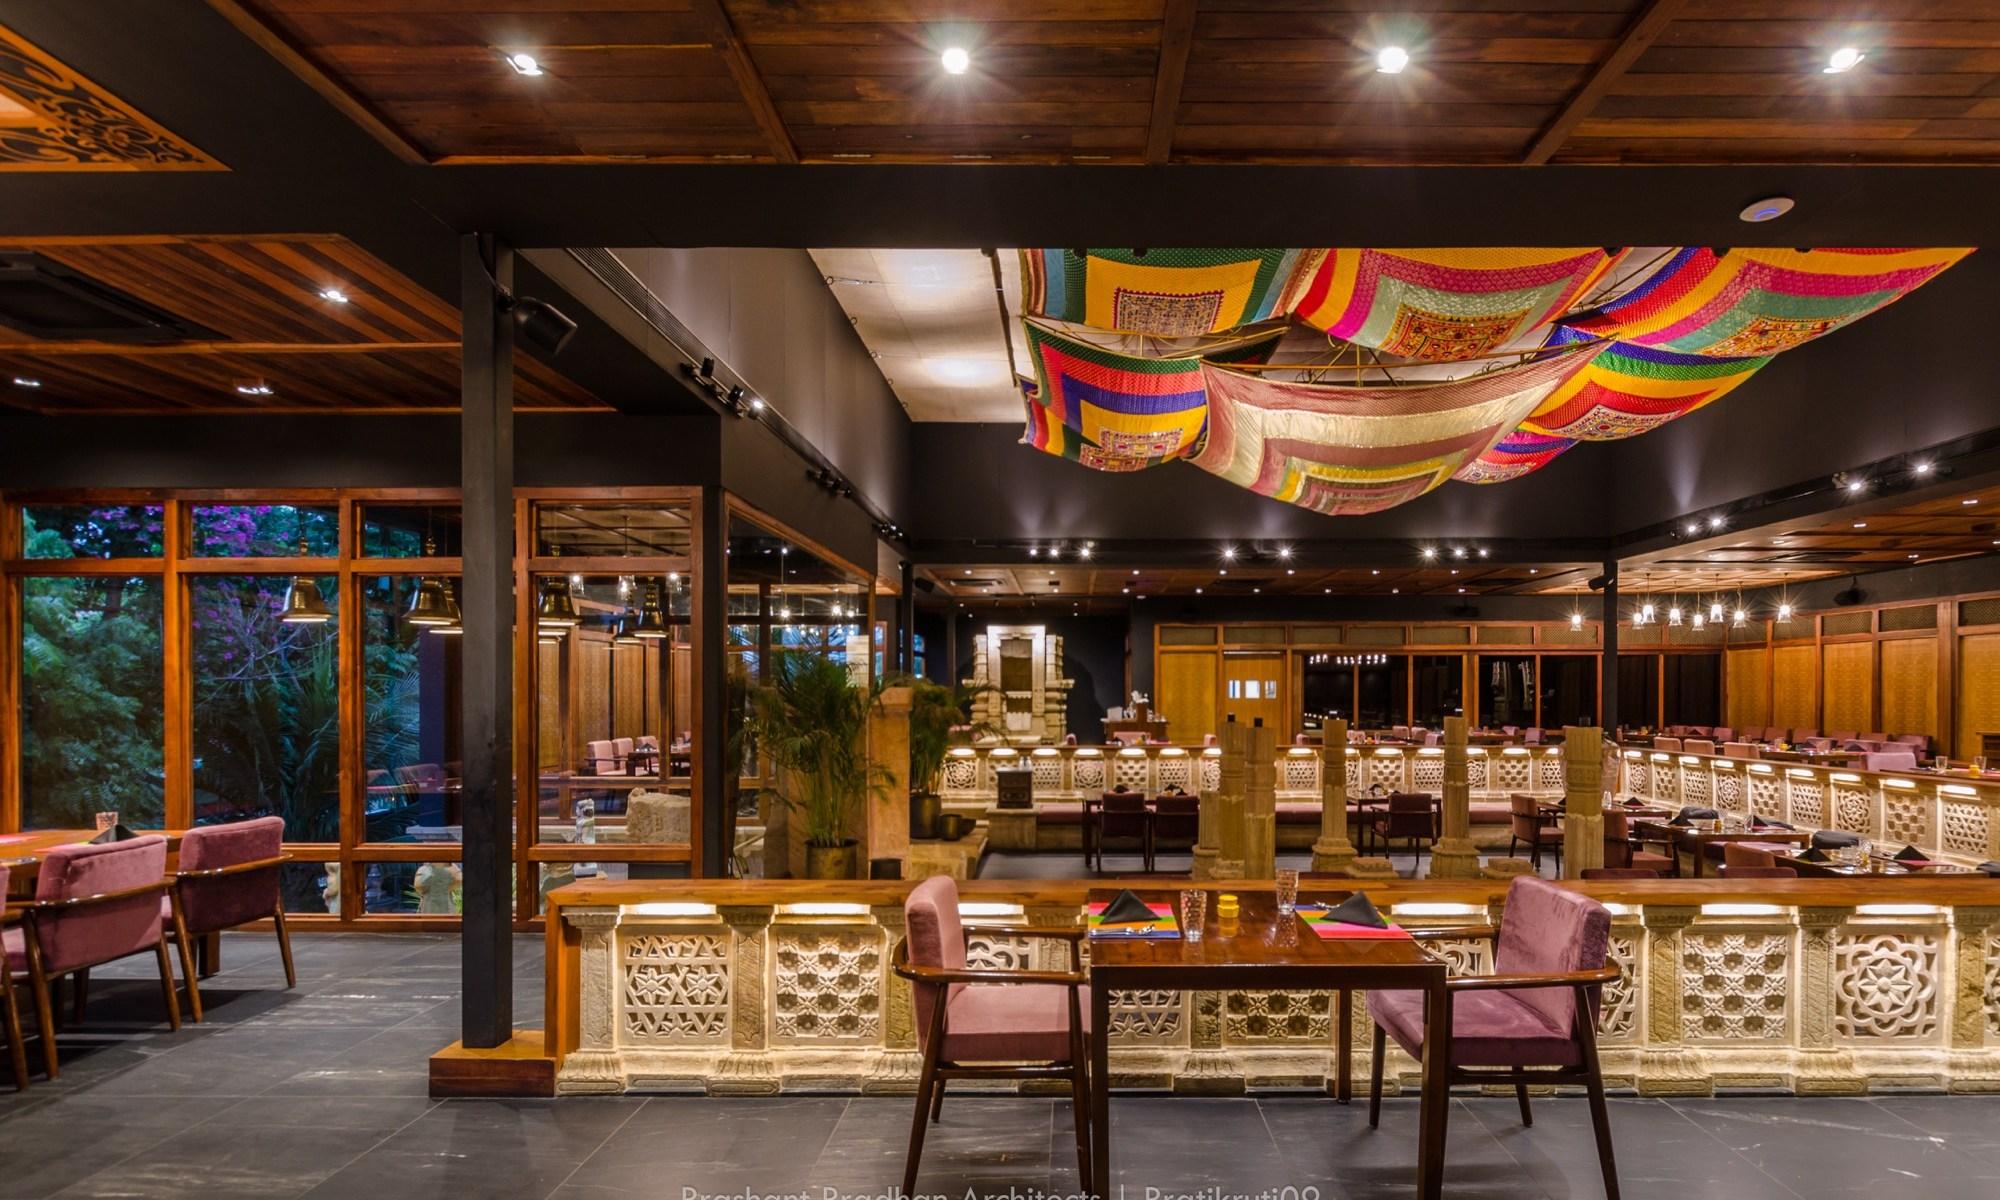 Rangeen, restaurant at Ahmadabad, by Prashant Pradhan Architects 245